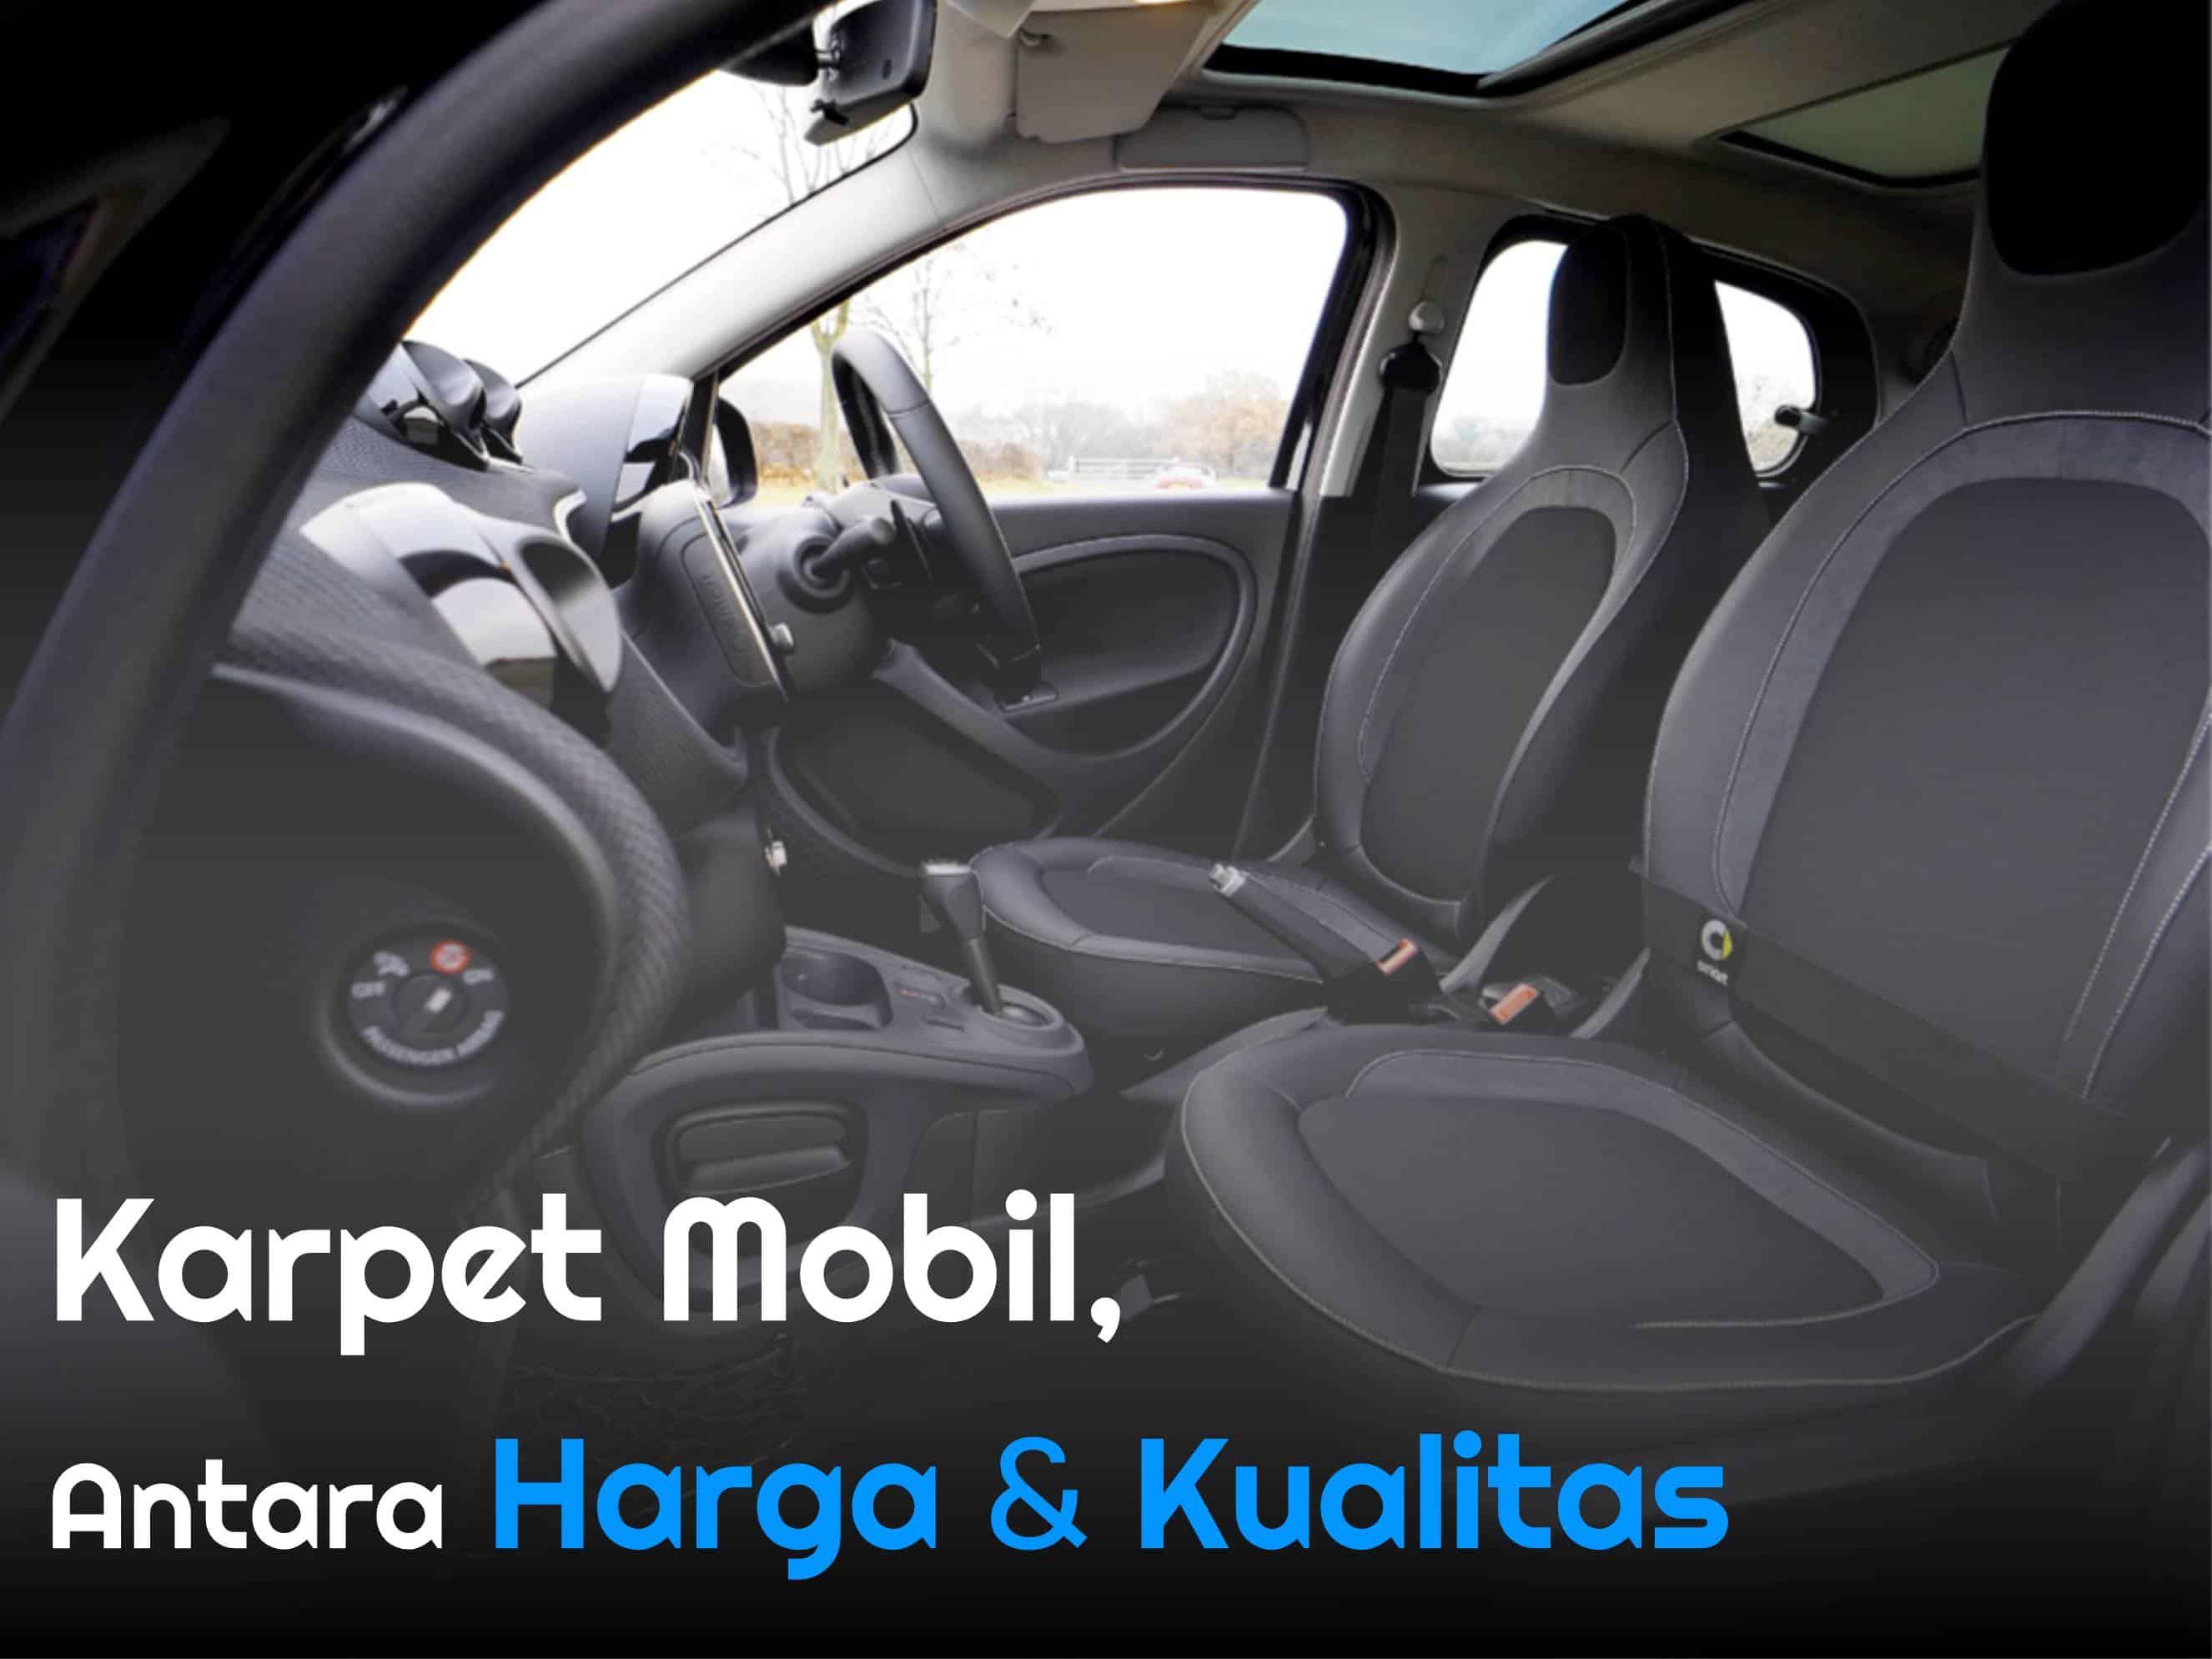 Karpet mobil, antara Harga dan Kualitas